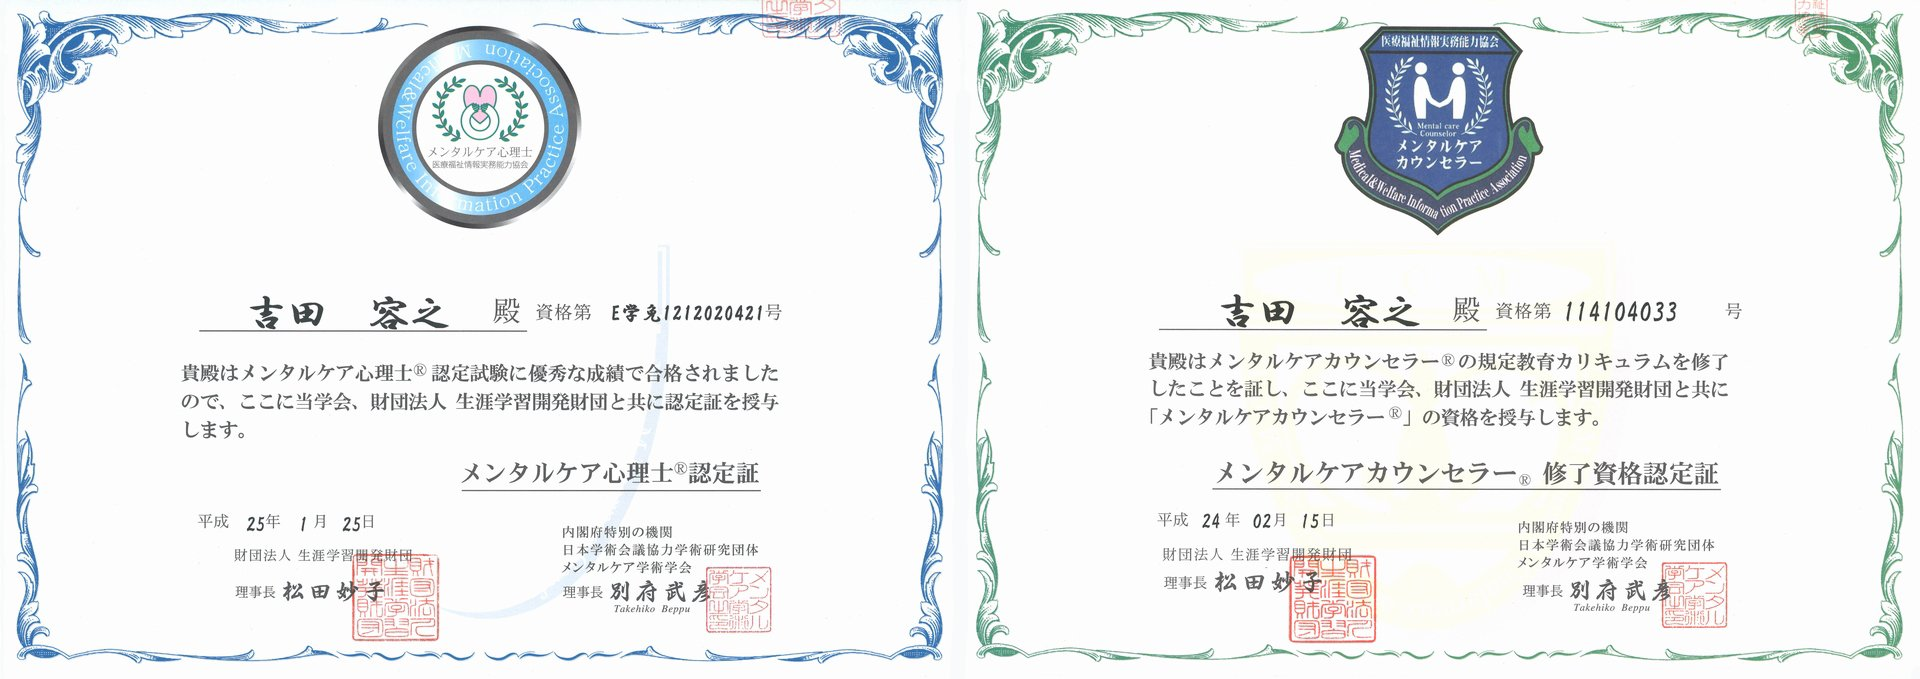 神奈川県横浜市の探偵は「メンタルケアカウンセラー」・「メンタルケア心理士」の有資格者です